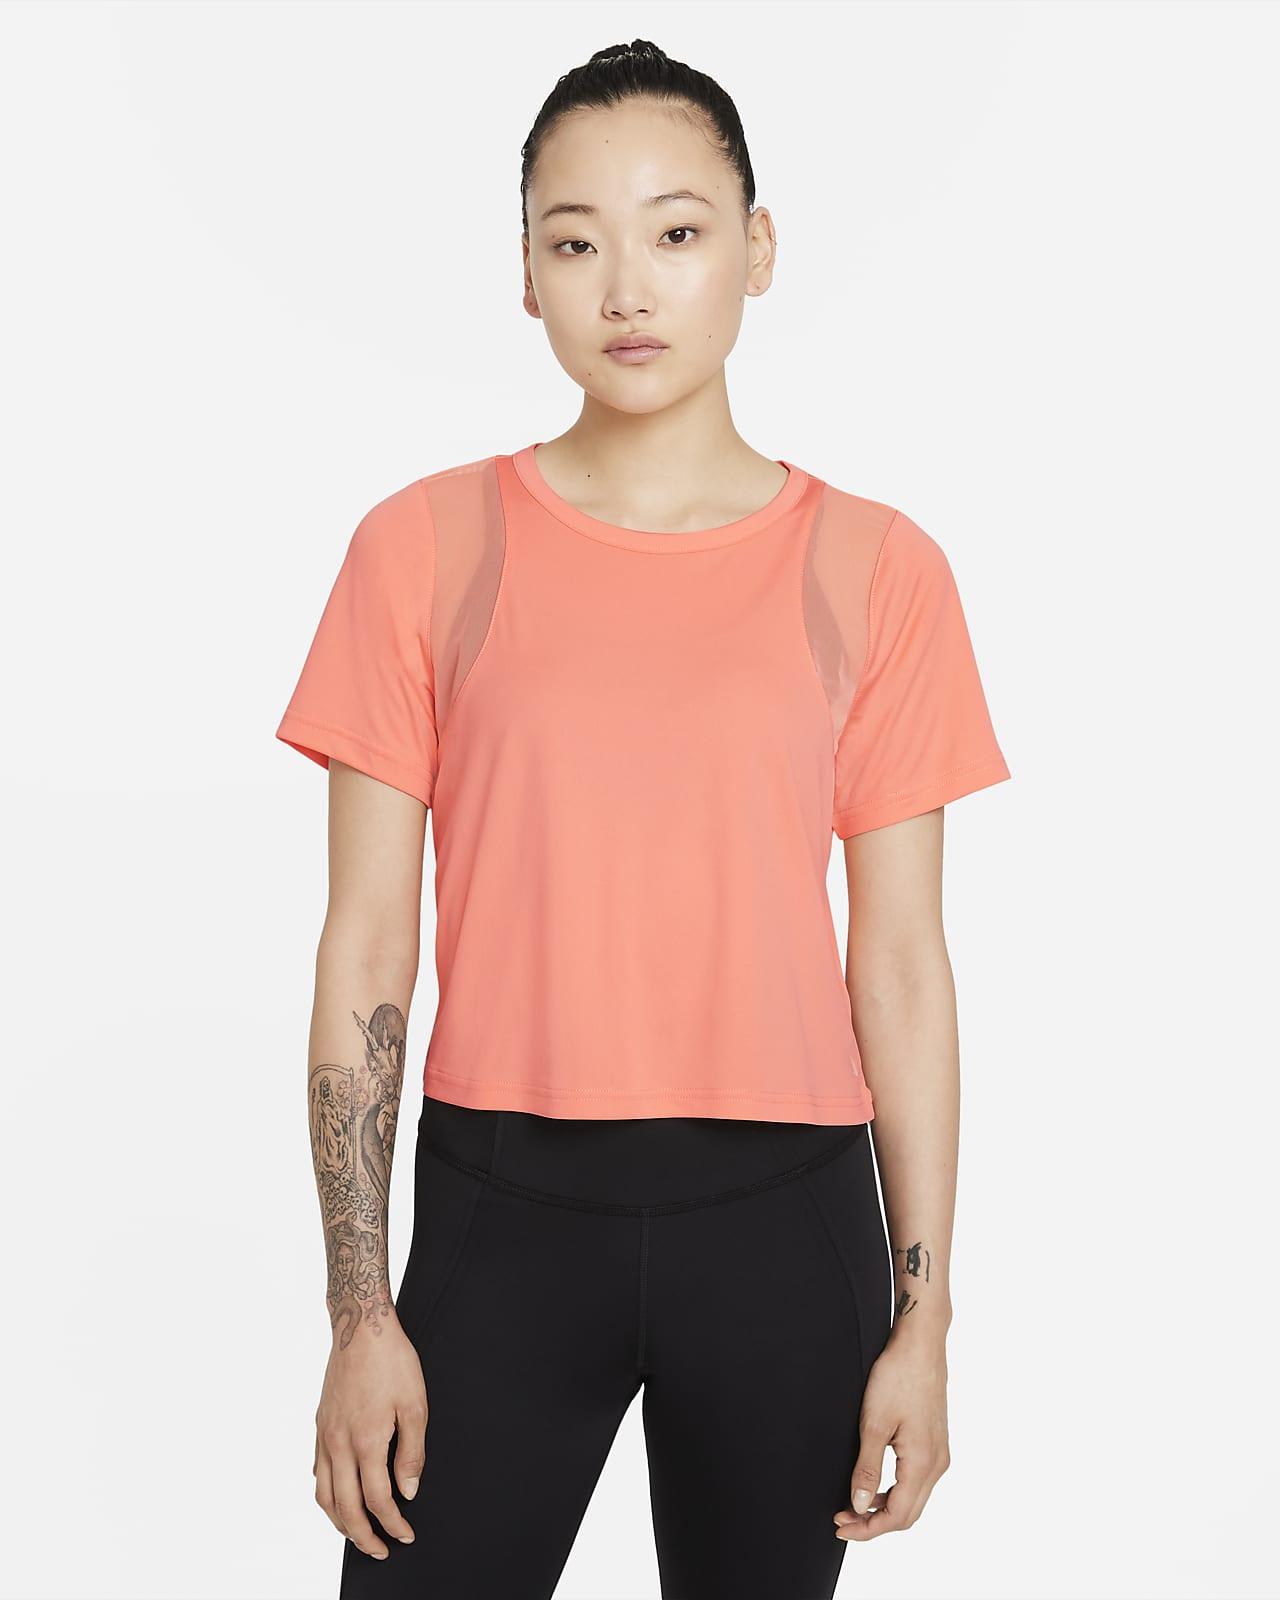 เสื้อตาข่ายแขนสั้นผู้หญิง Nike Yoga Dri-FIT